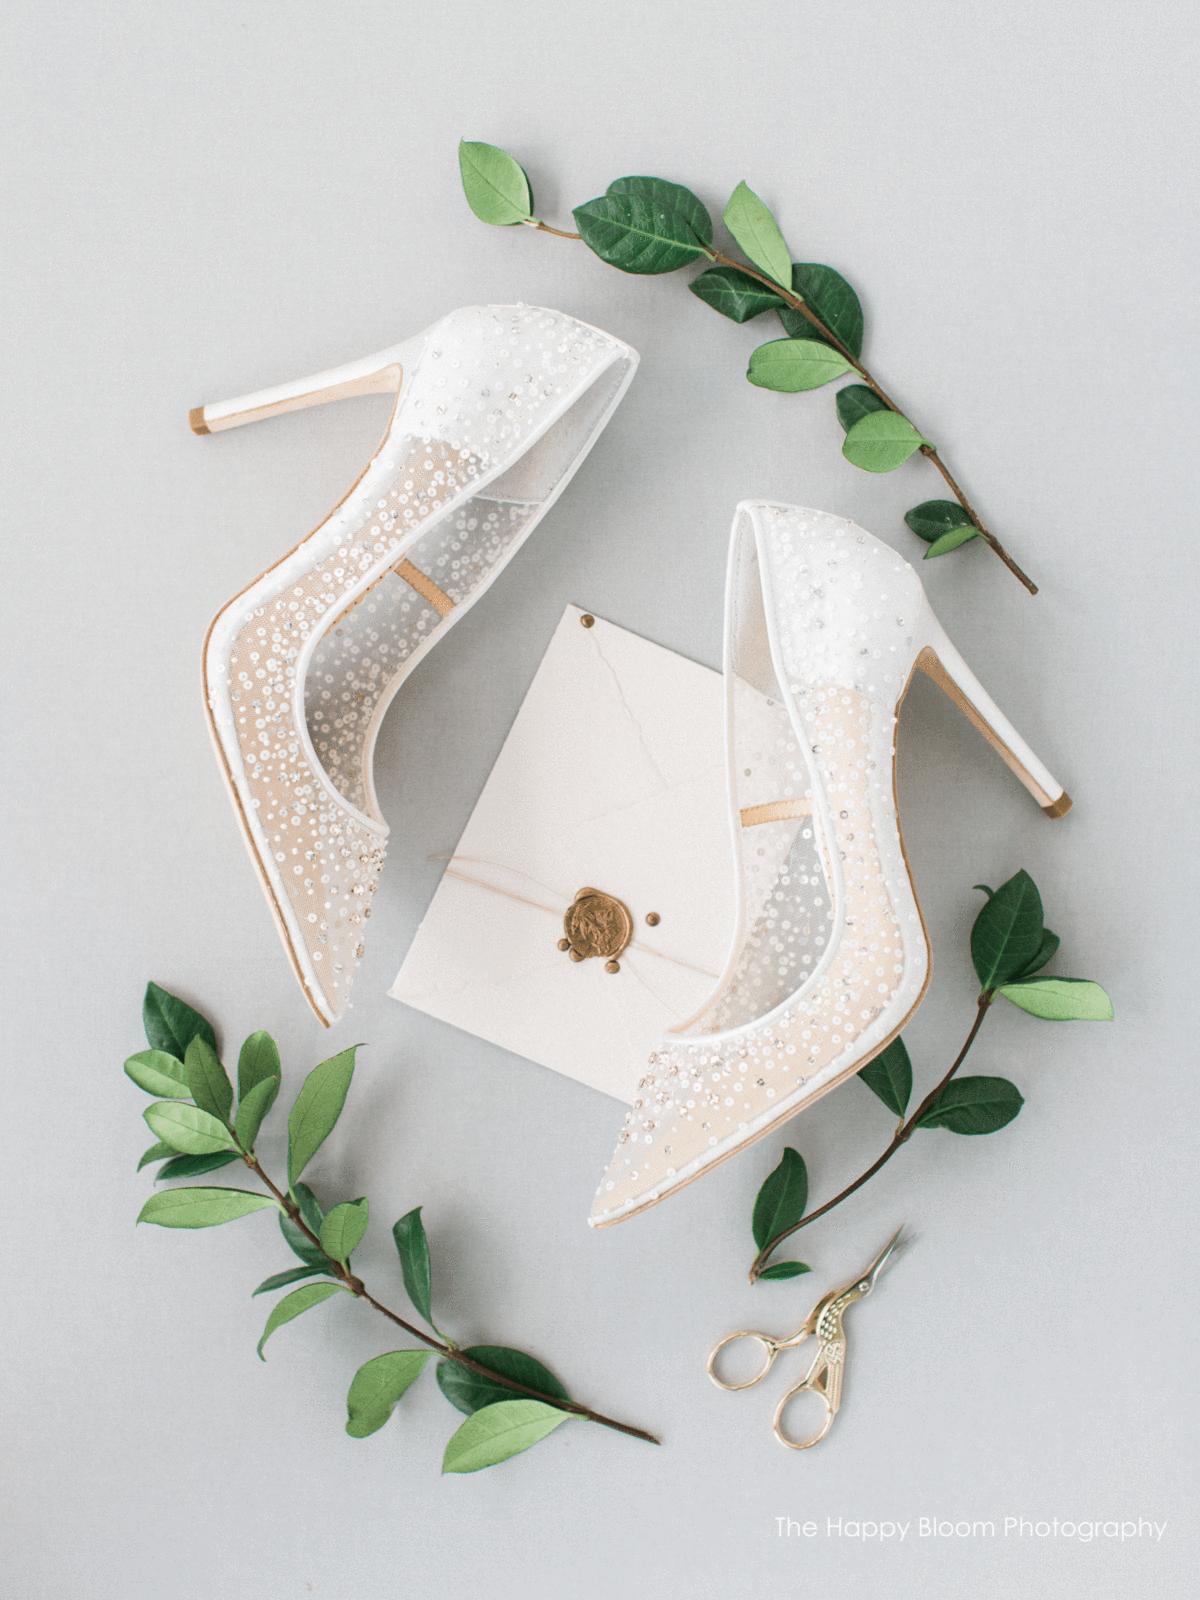 Escarpins bella belle shoes tulle sequin ivoire 10cm talon confortable stilleto satin